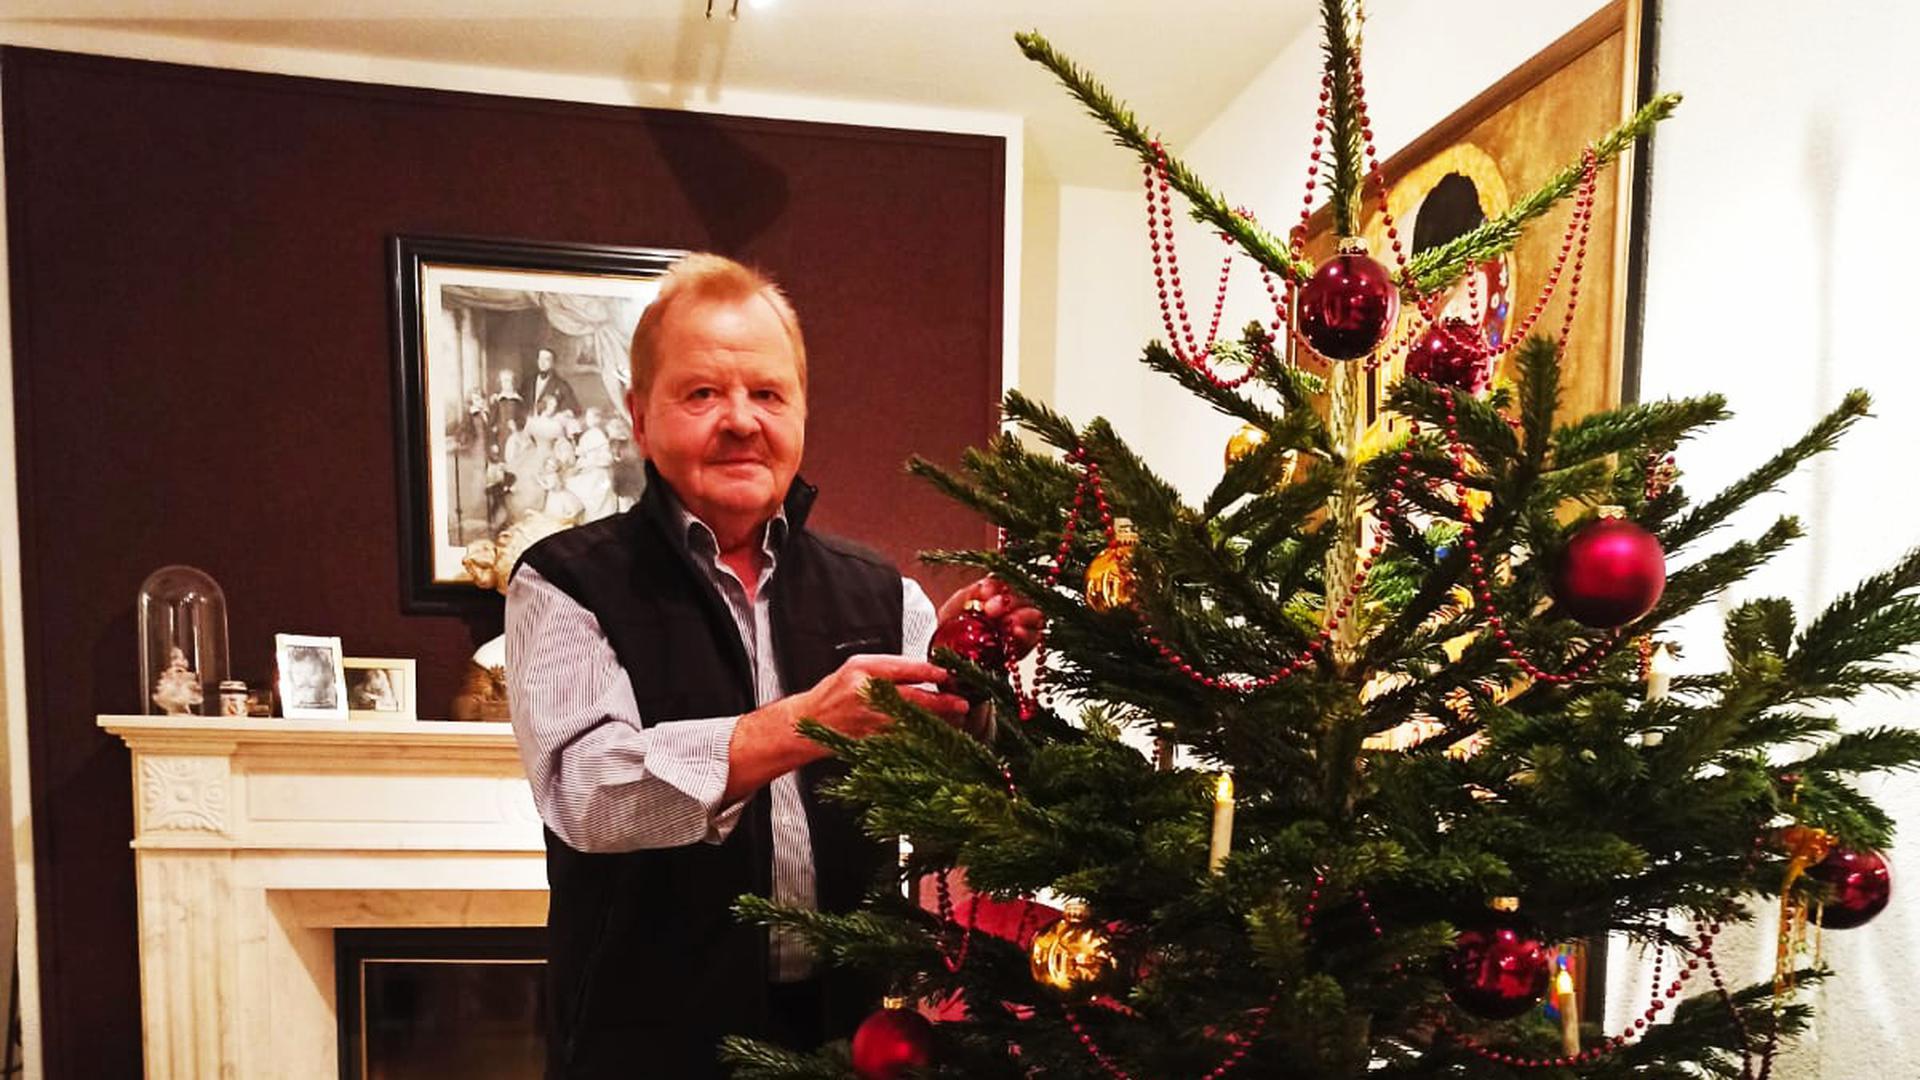 Mann mit Christbaum im Wohnzimmer